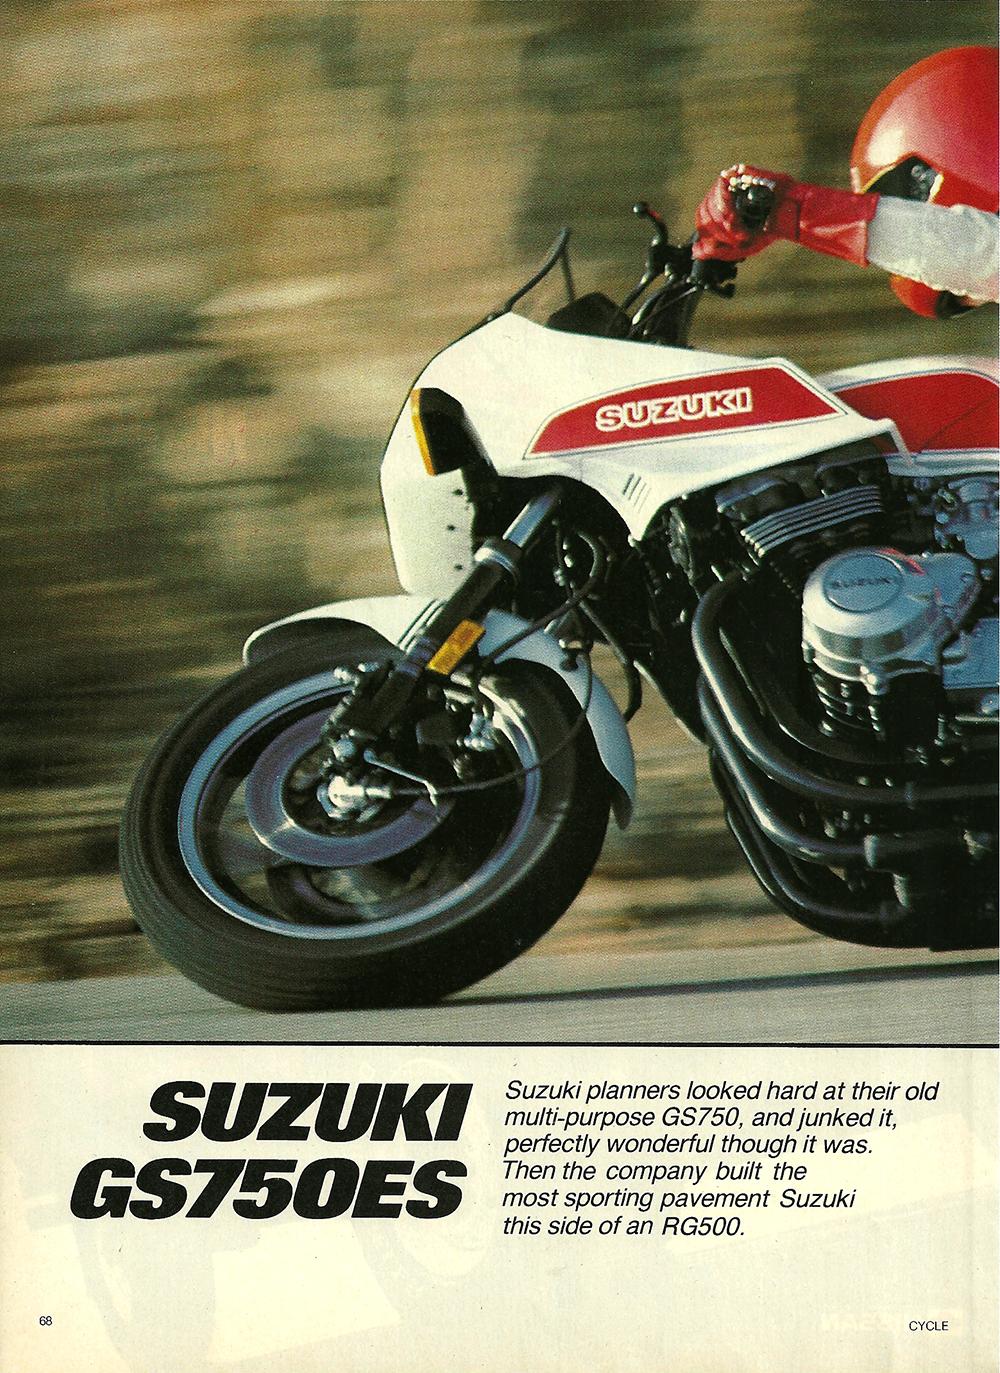 1983 Suzuki GS750ES road test 1.jpg